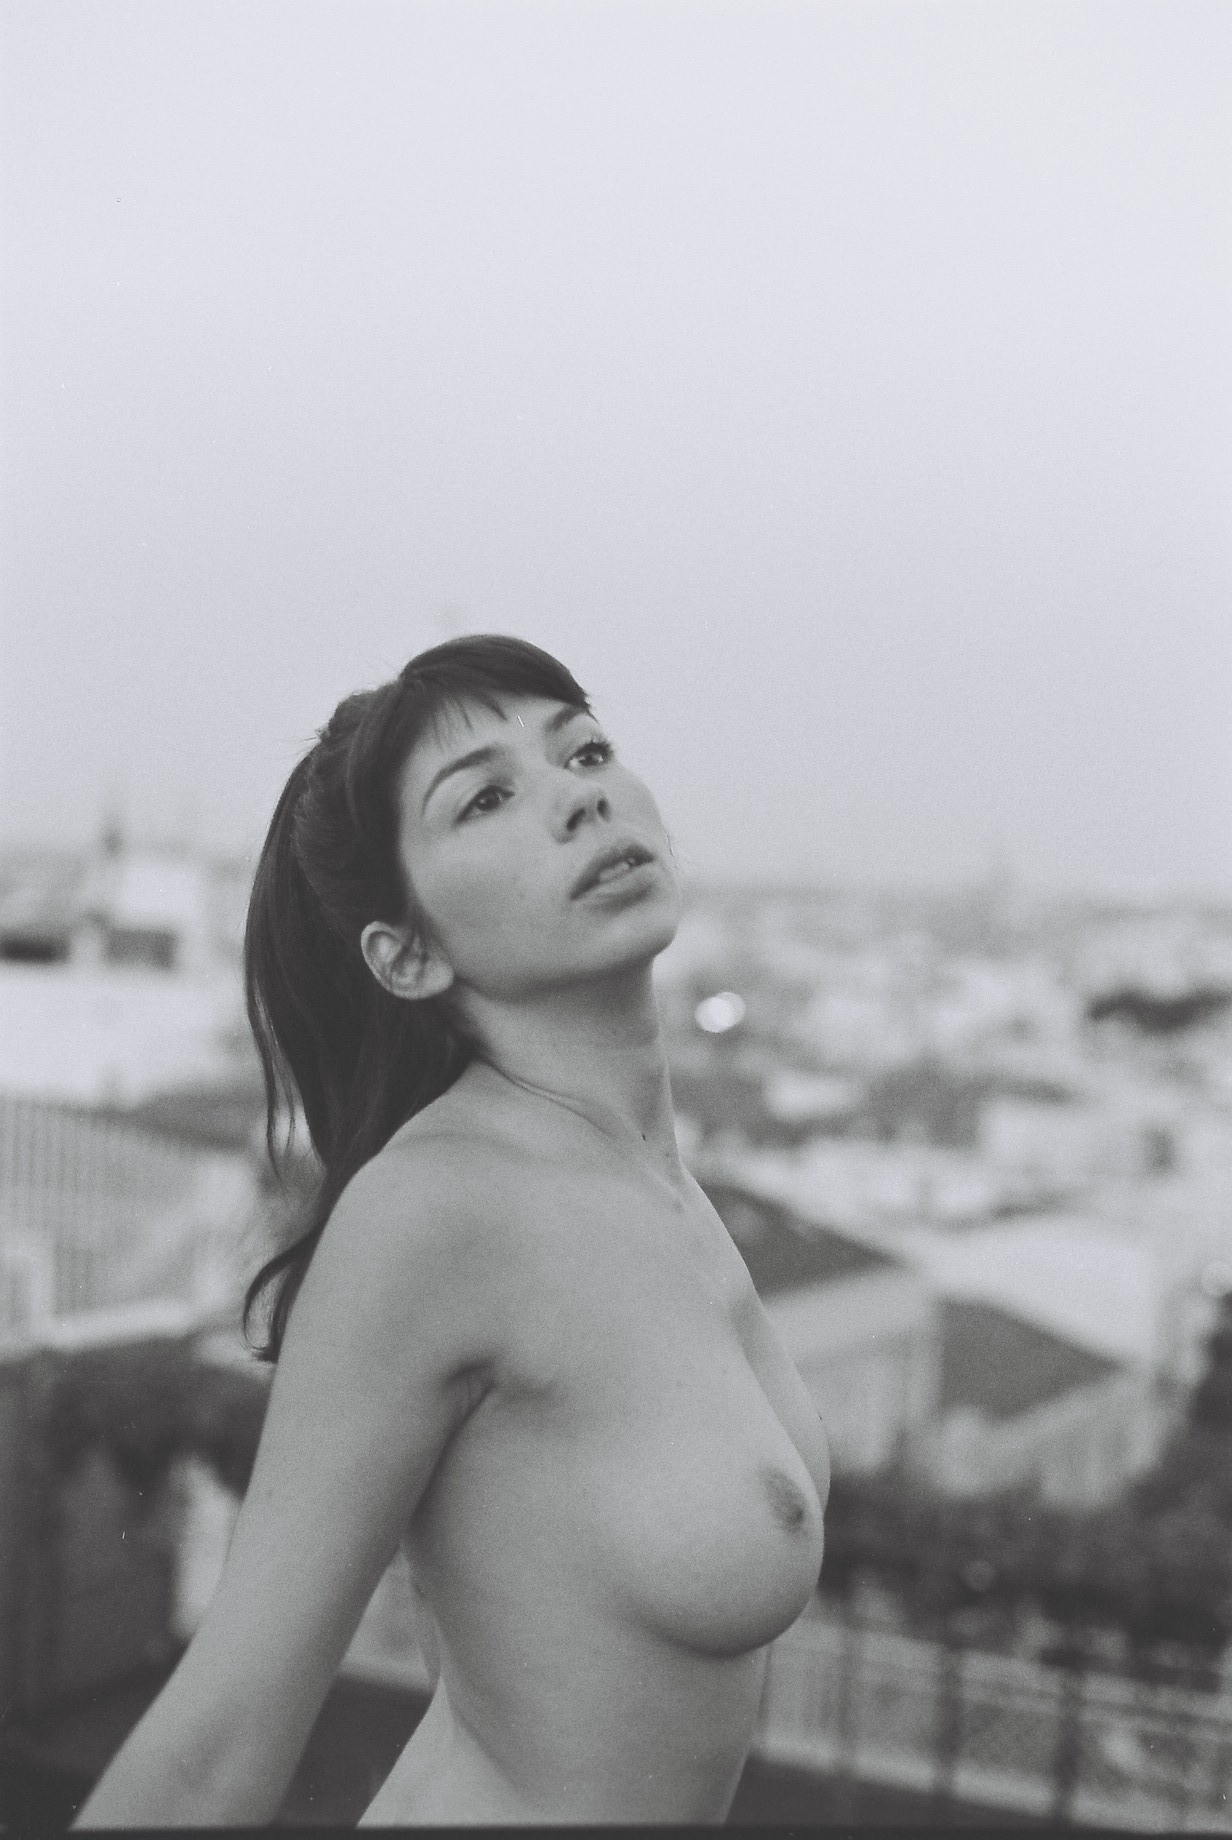 María_Asensi_Borjafilms_02.JPG